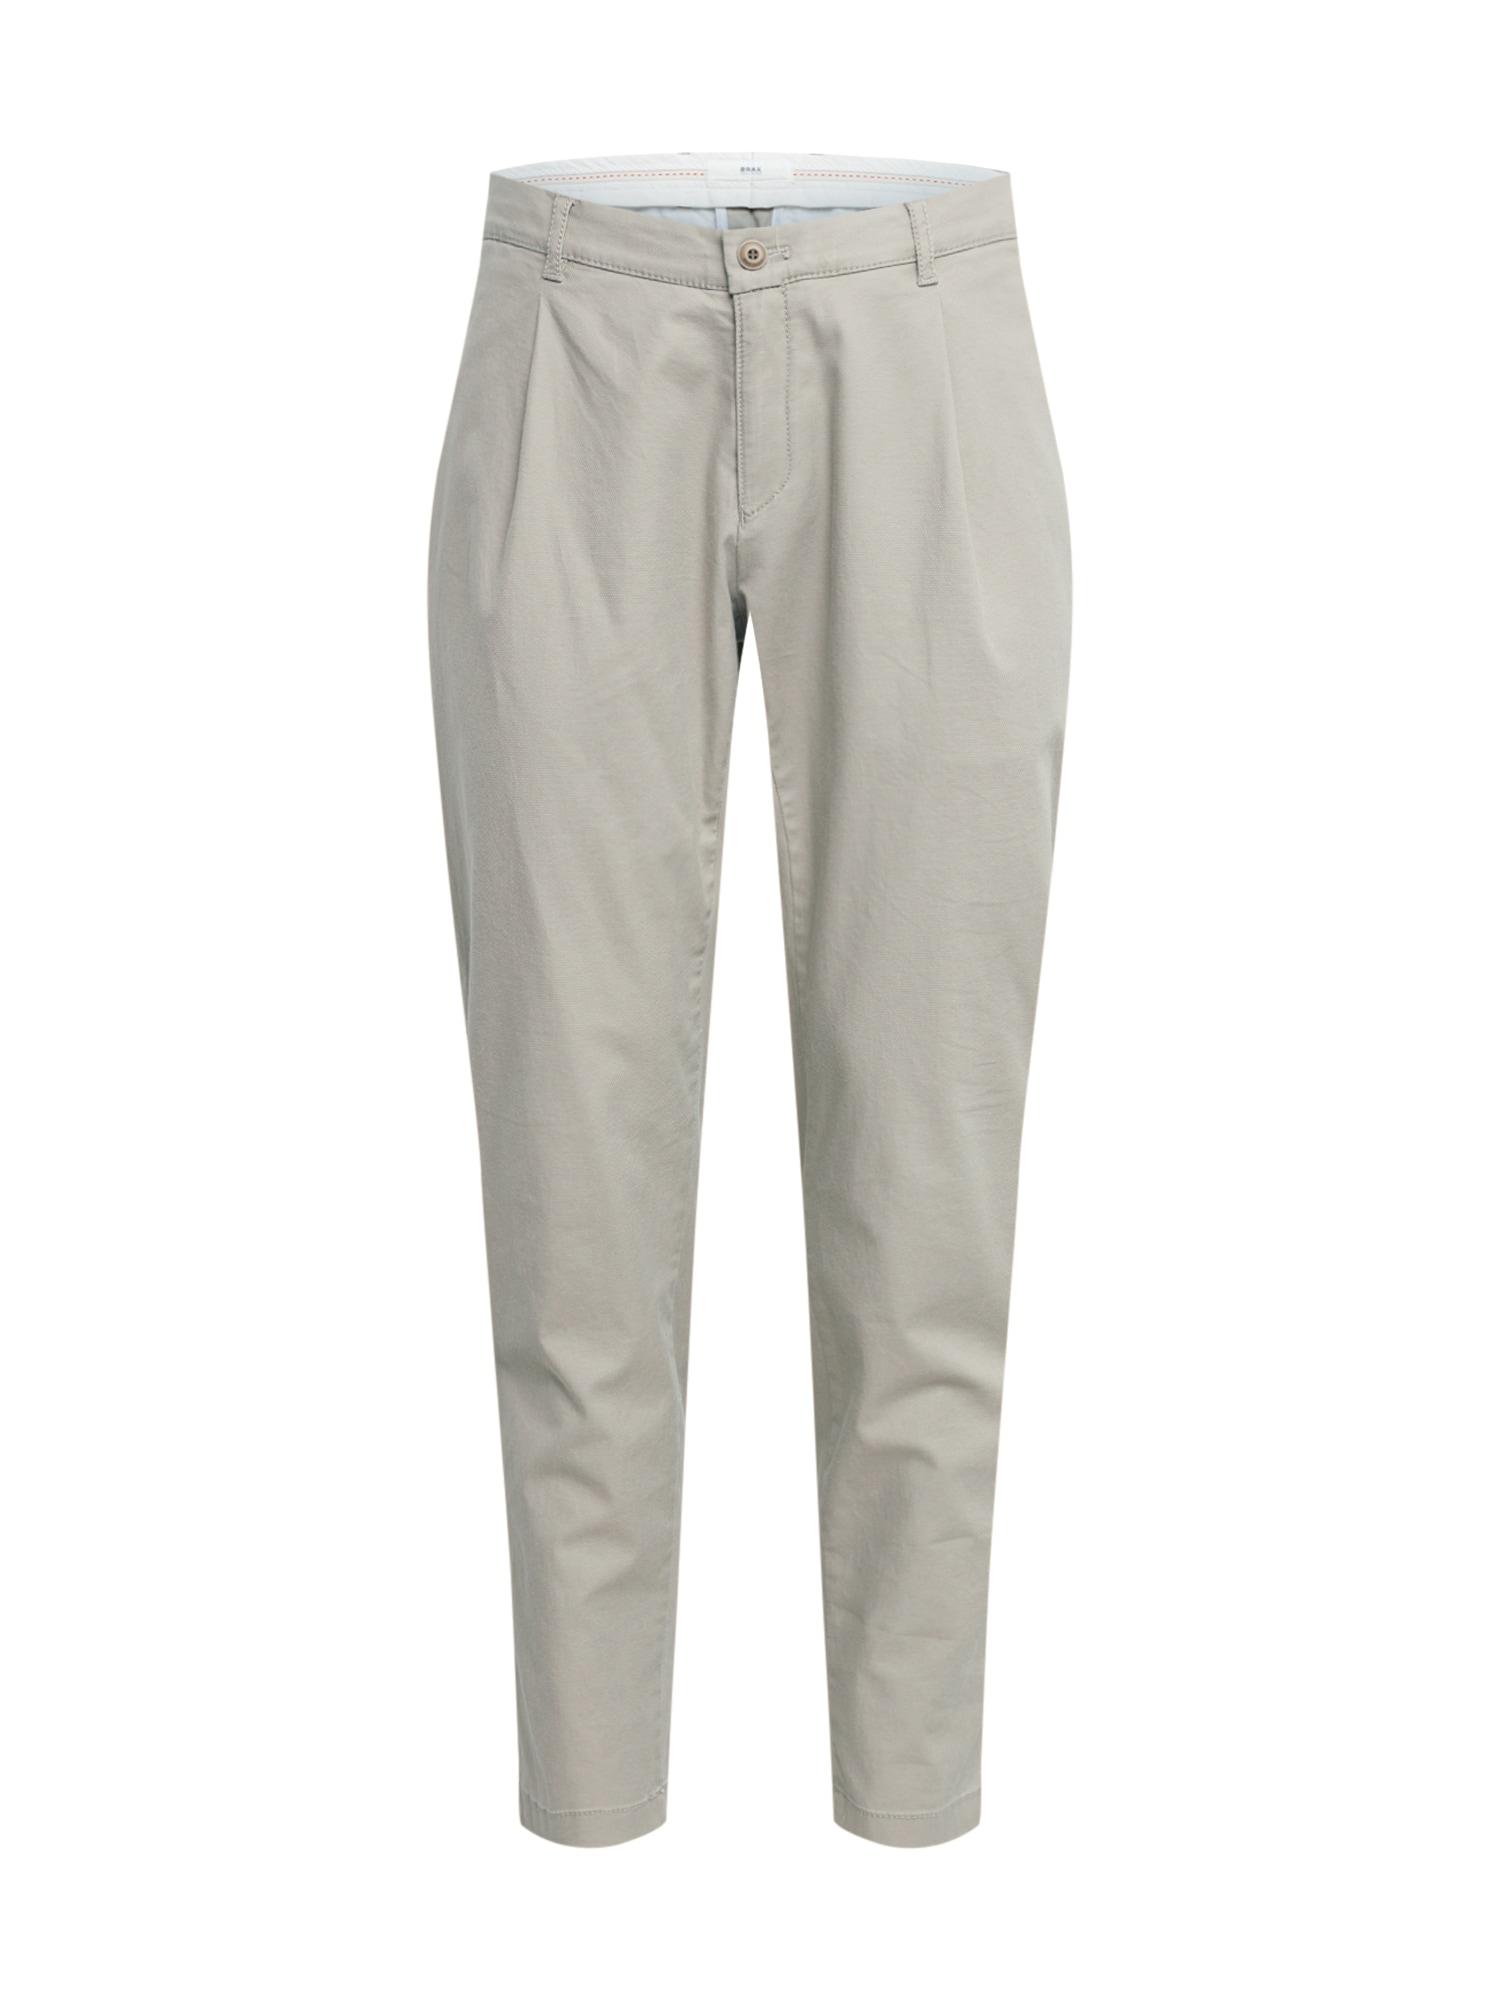 BRAX Klostuotos kelnės 'Paul' pilka